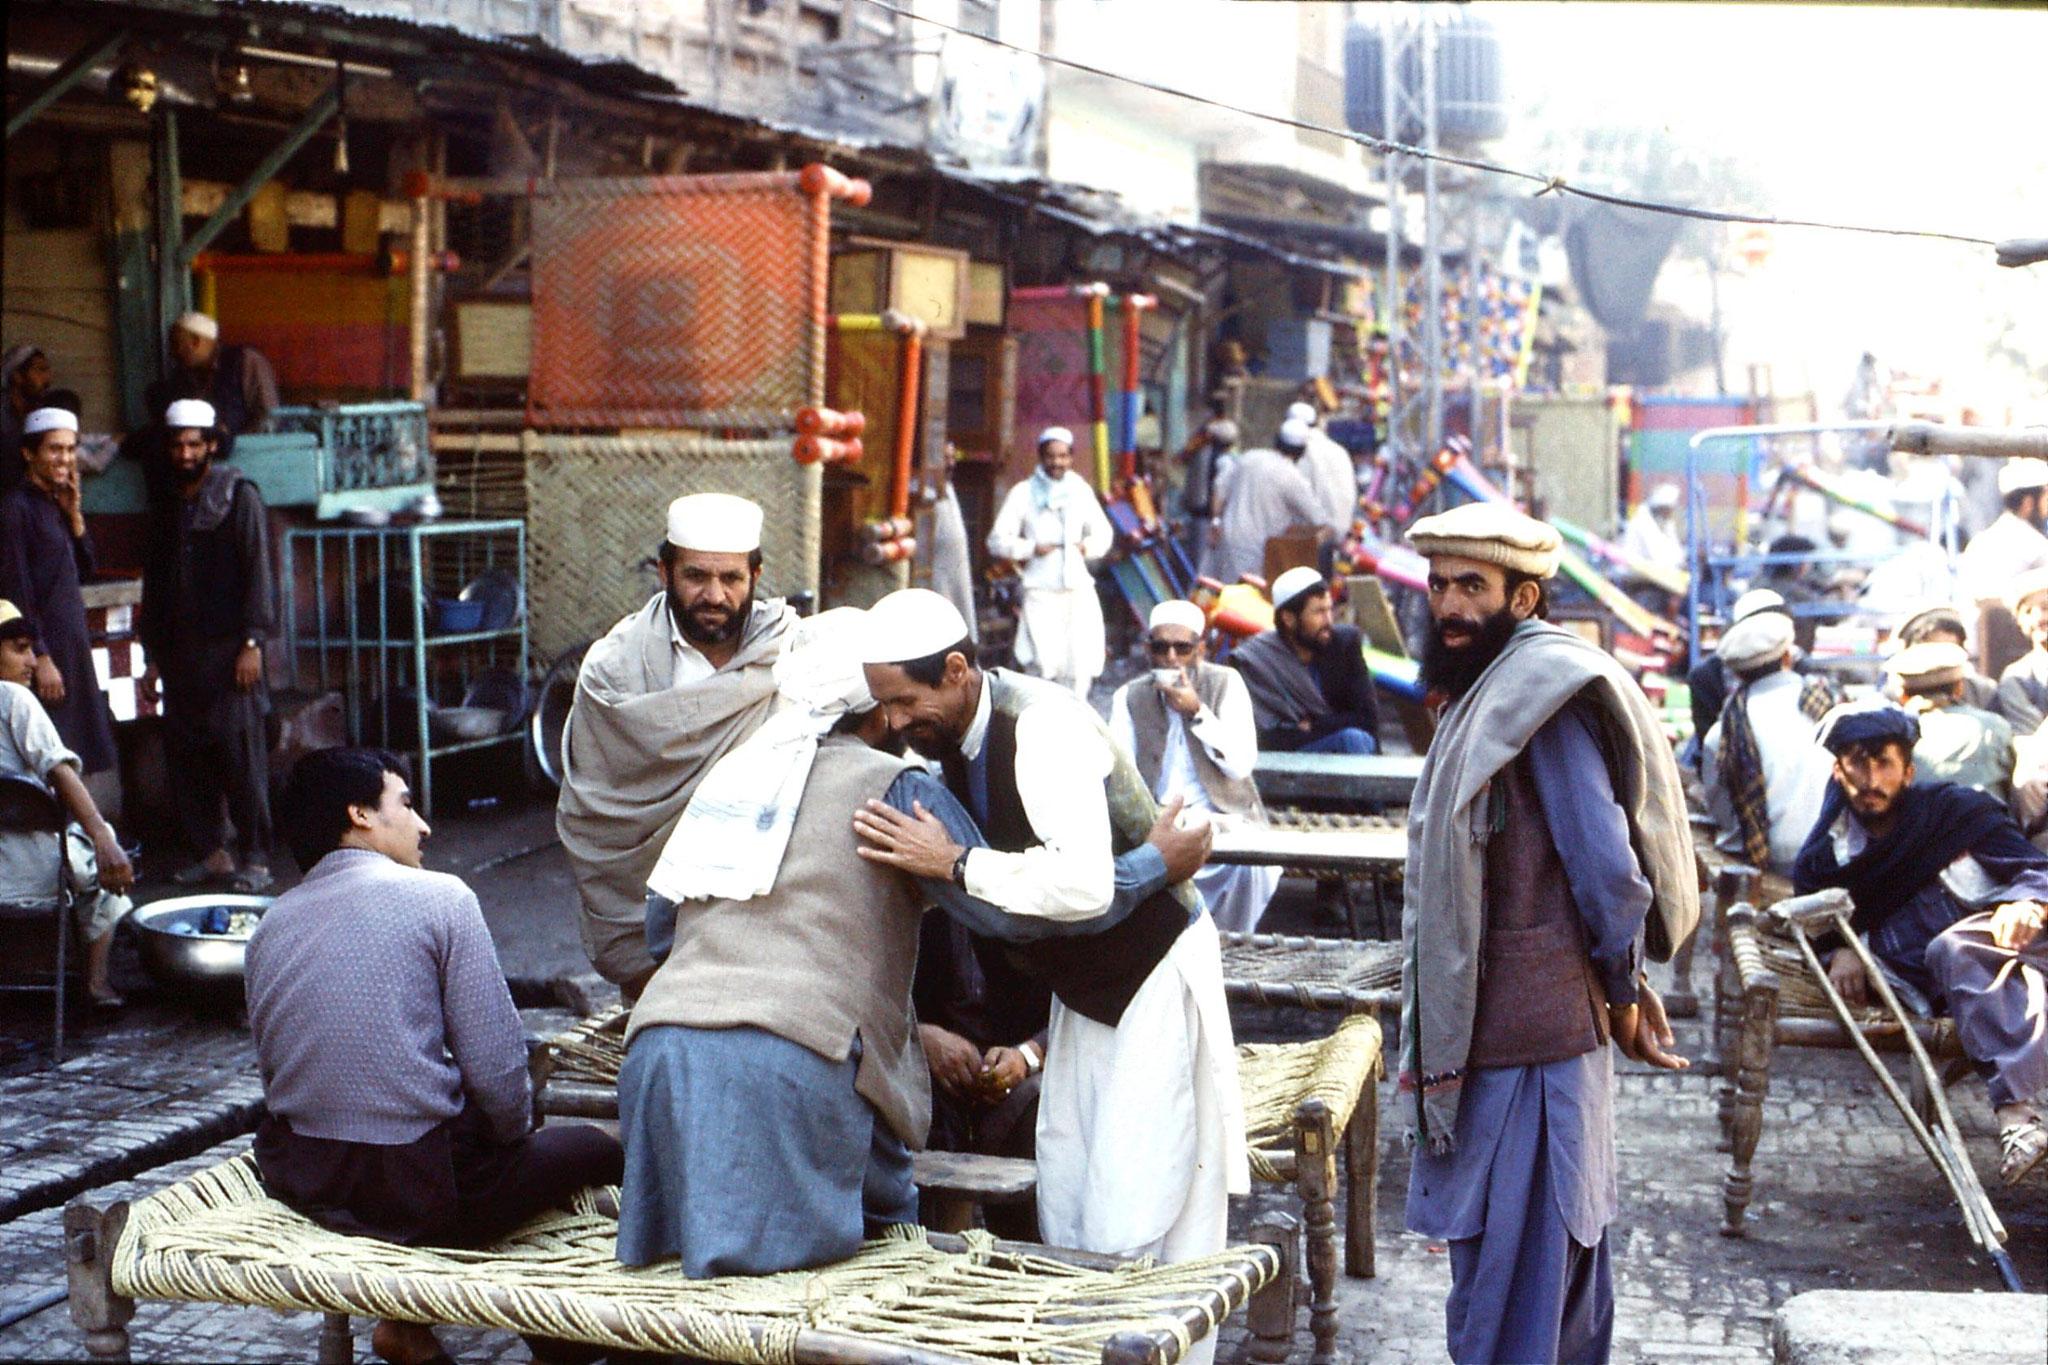 5/11/1989: 16: Peshawar